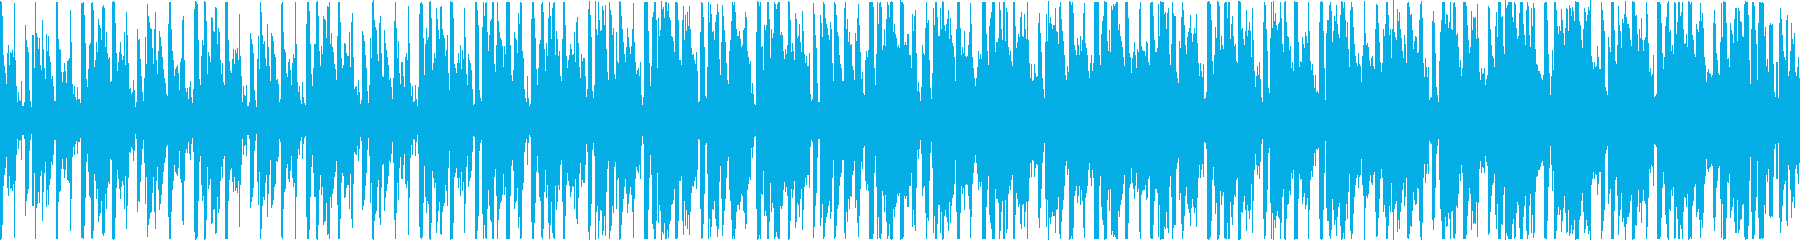 ギターが渋いAcid Jazz(ループ)の再生済みの波形